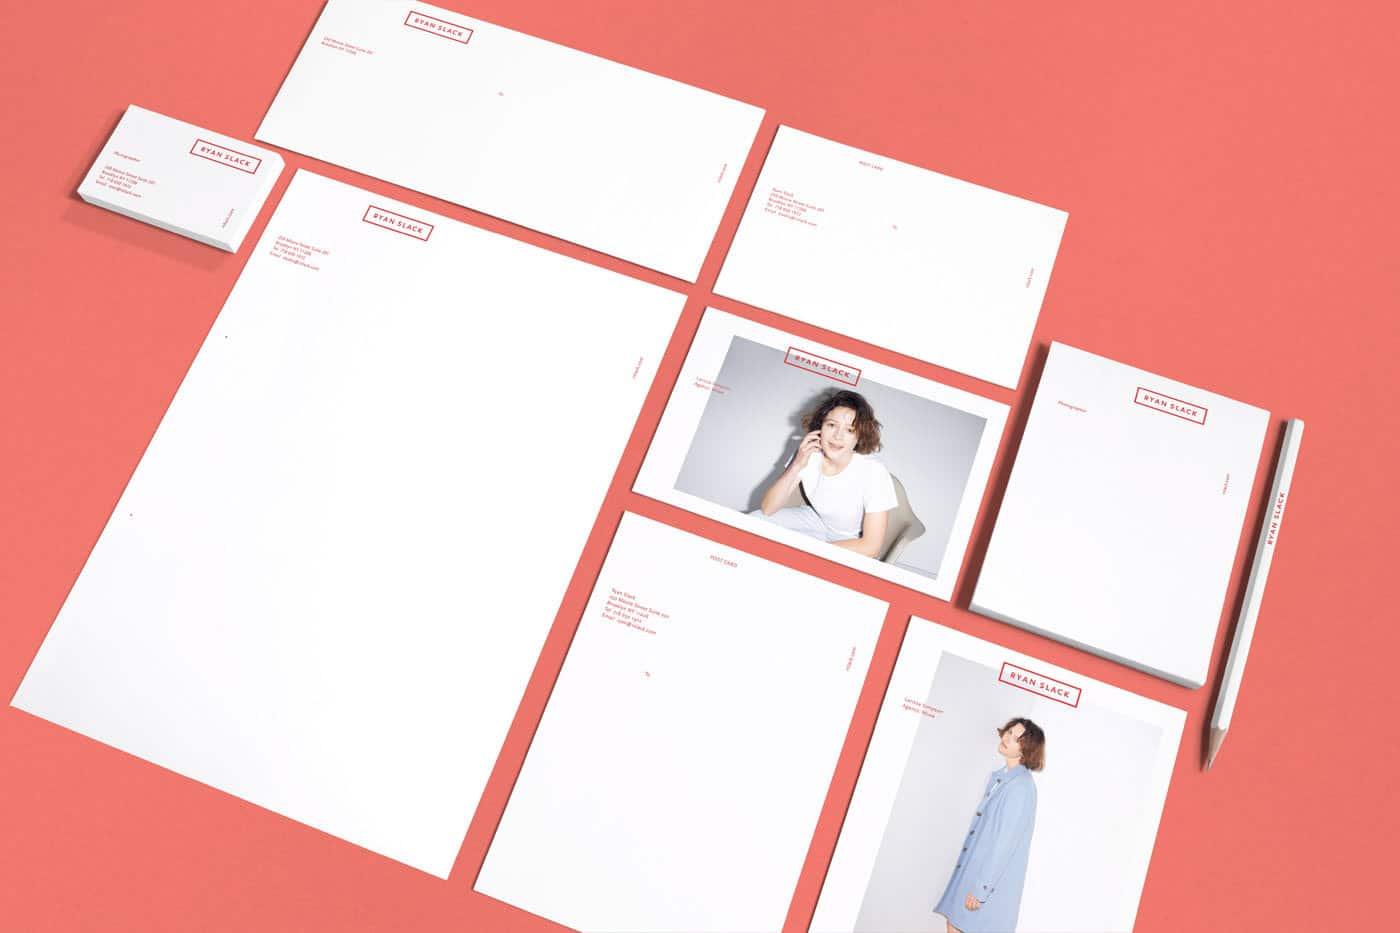 Hình ảnh trong tiêu đề màu thư được sáng tạo đơn giản